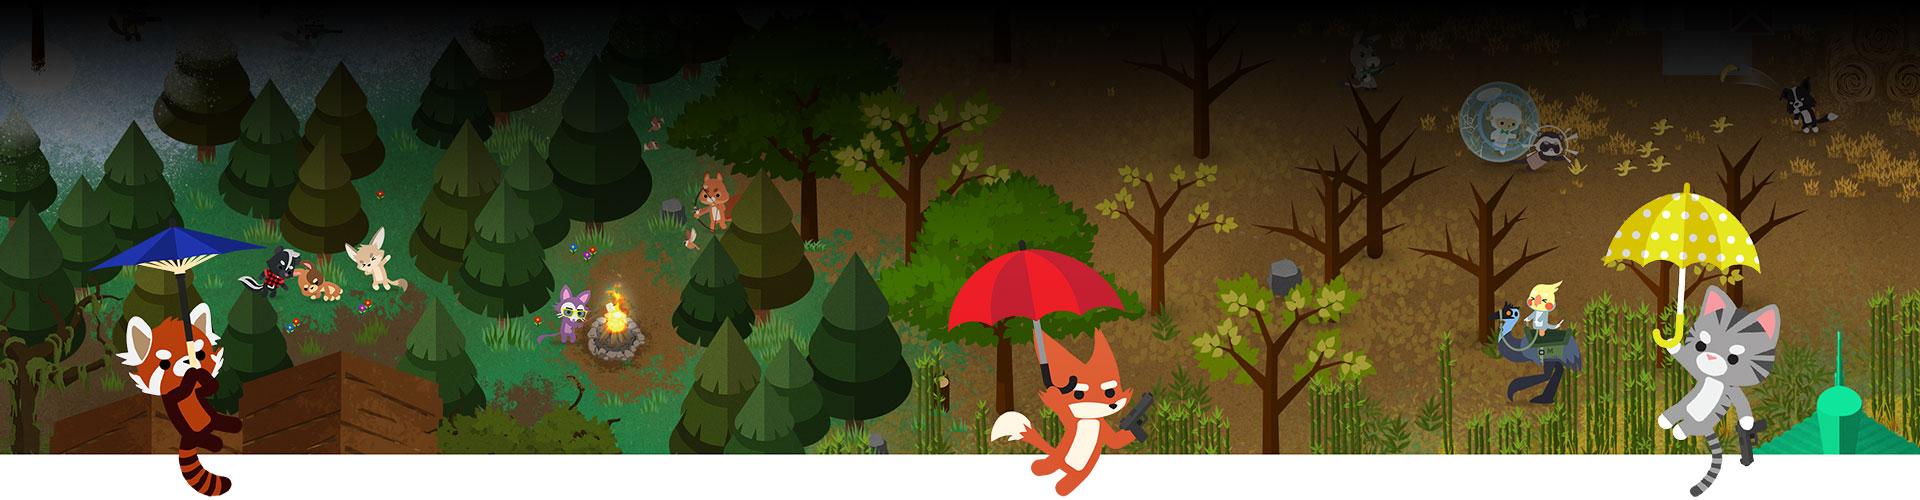 Hayvanlar ormandaki savaşa doğru süzülmek için şemsiyeleri kullanıyor.